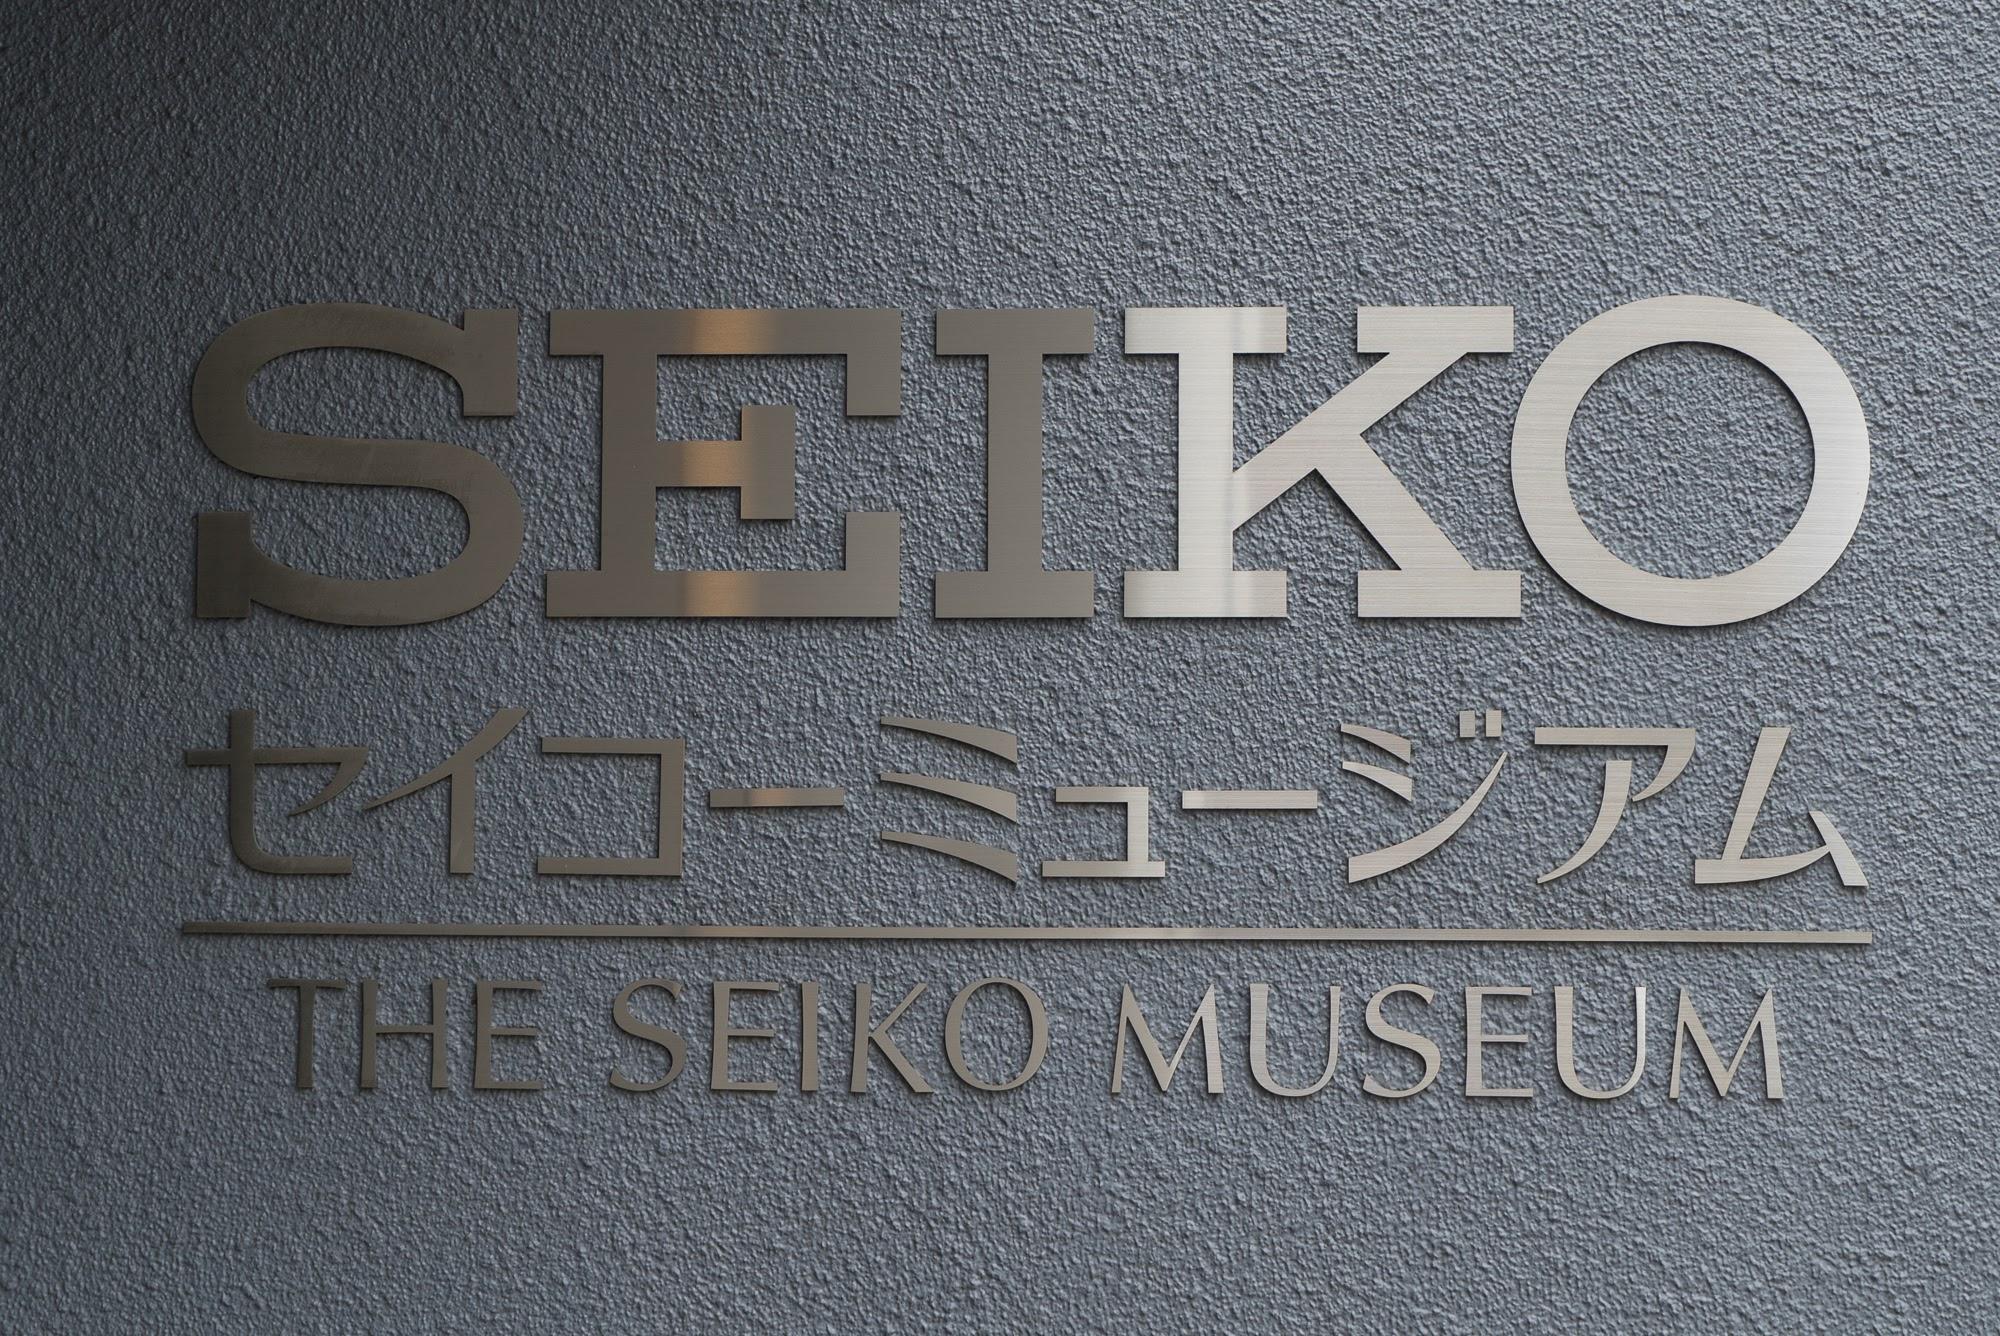 Seiko_Museum.jpg